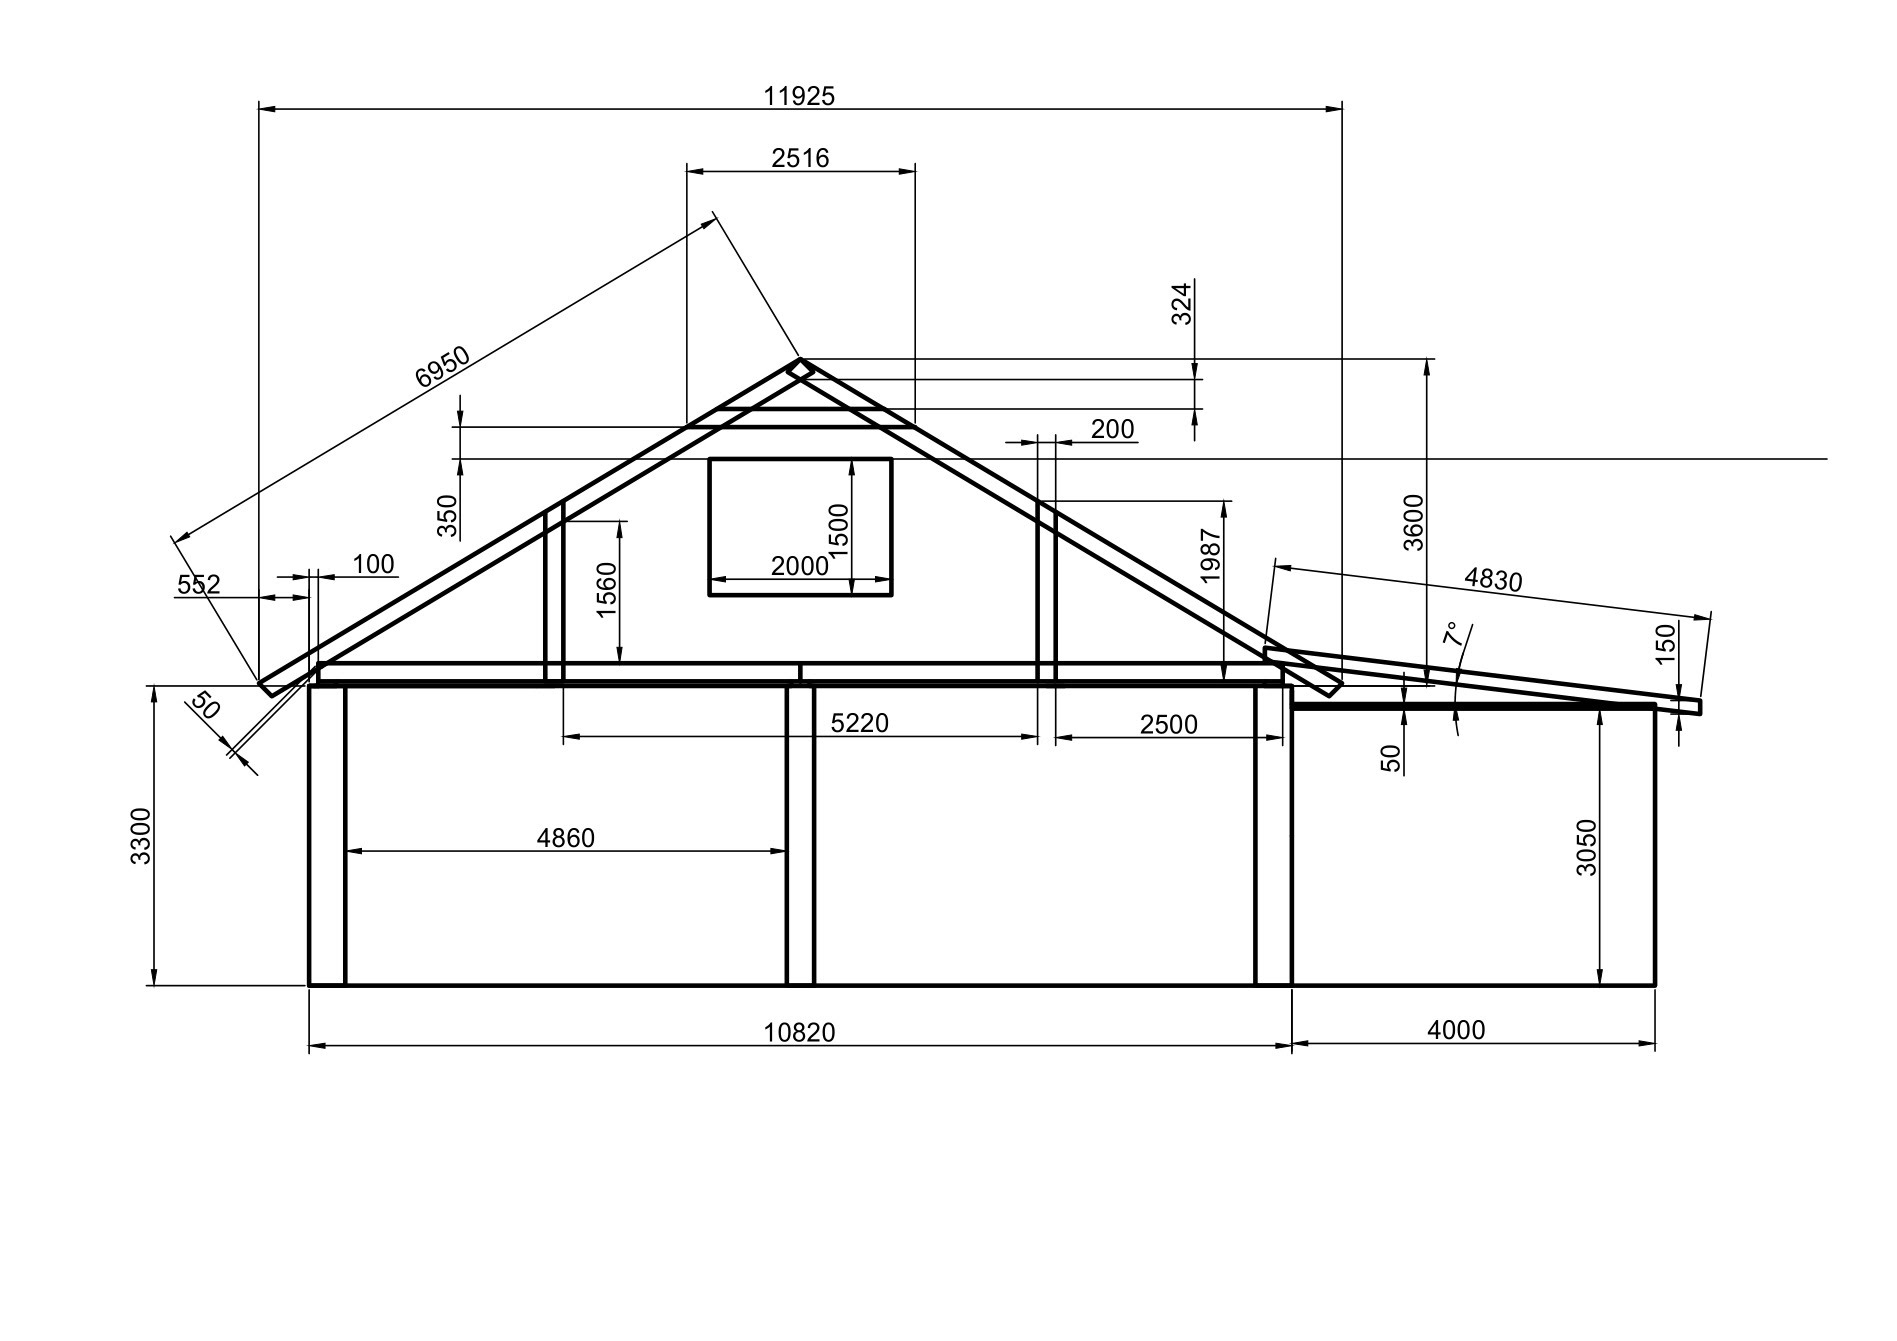 Стропильная система двускатной крыши, в том числе ее схема и конструкция, а также особенности монтажа